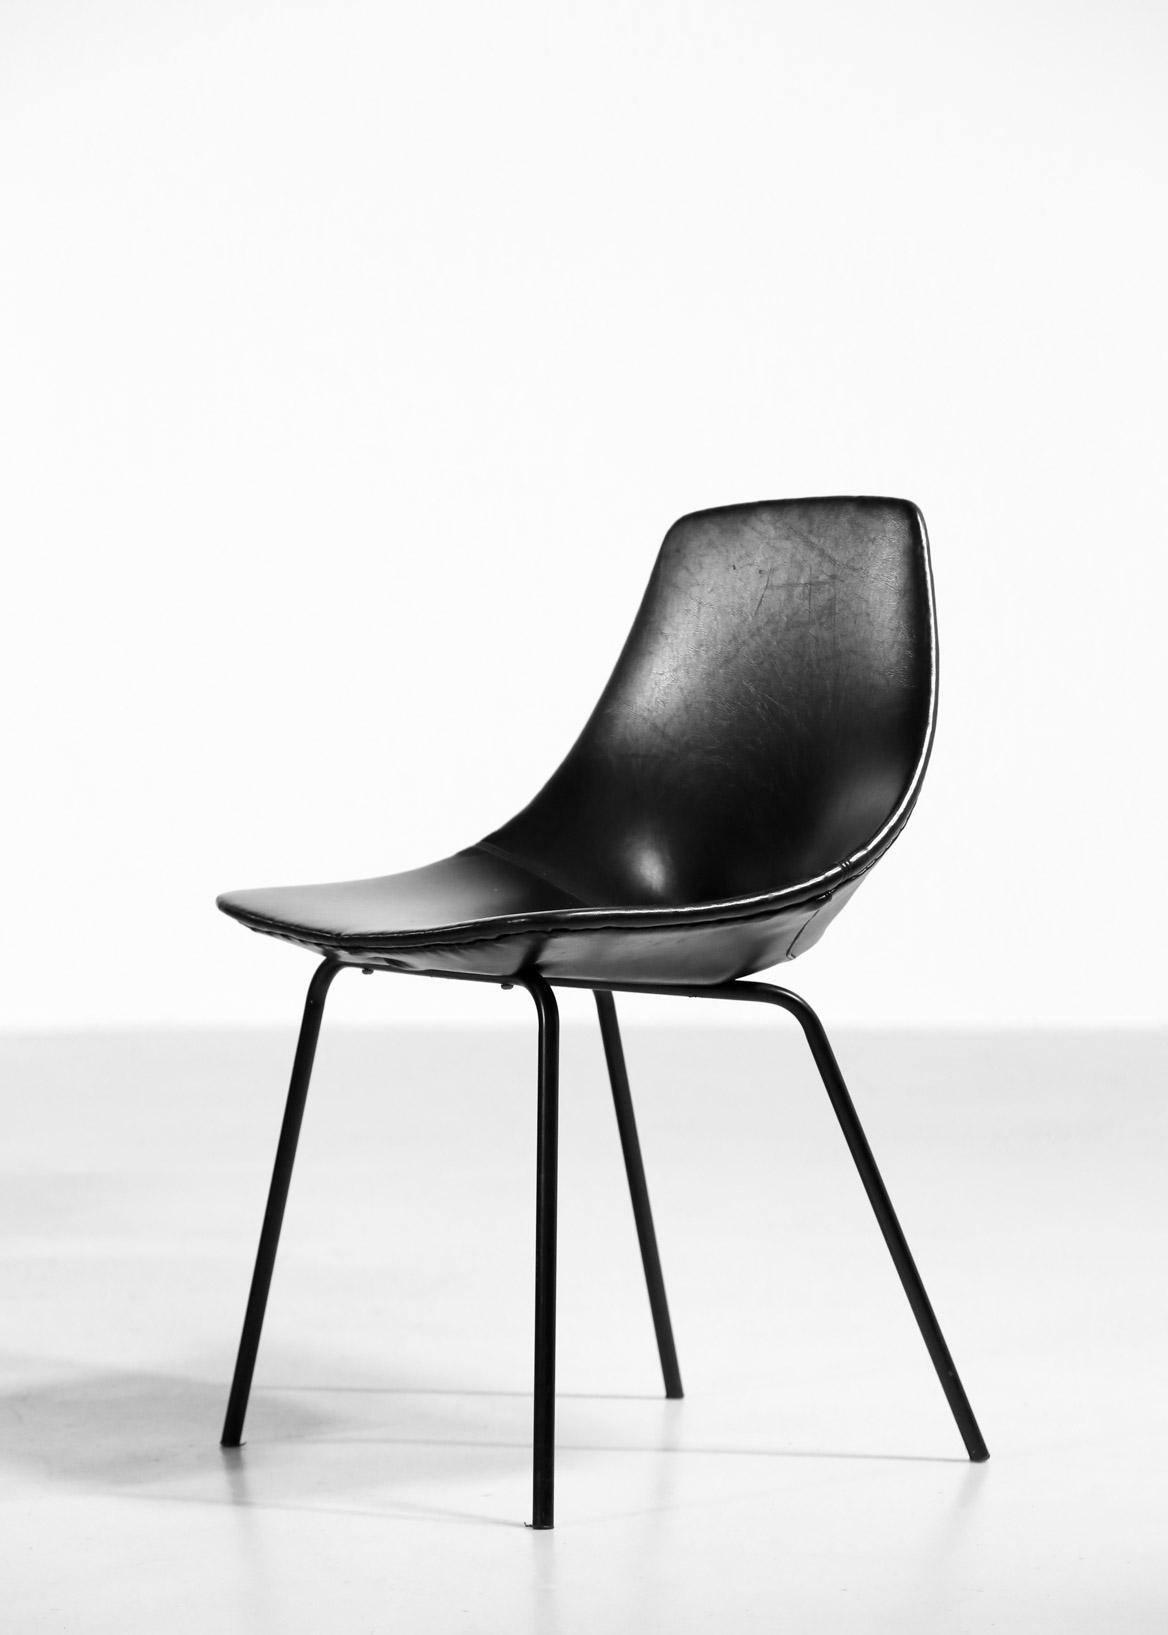 suite de 16 chaises tonneau par pierre guariche dition steiner ann es 60 danke galerie. Black Bedroom Furniture Sets. Home Design Ideas